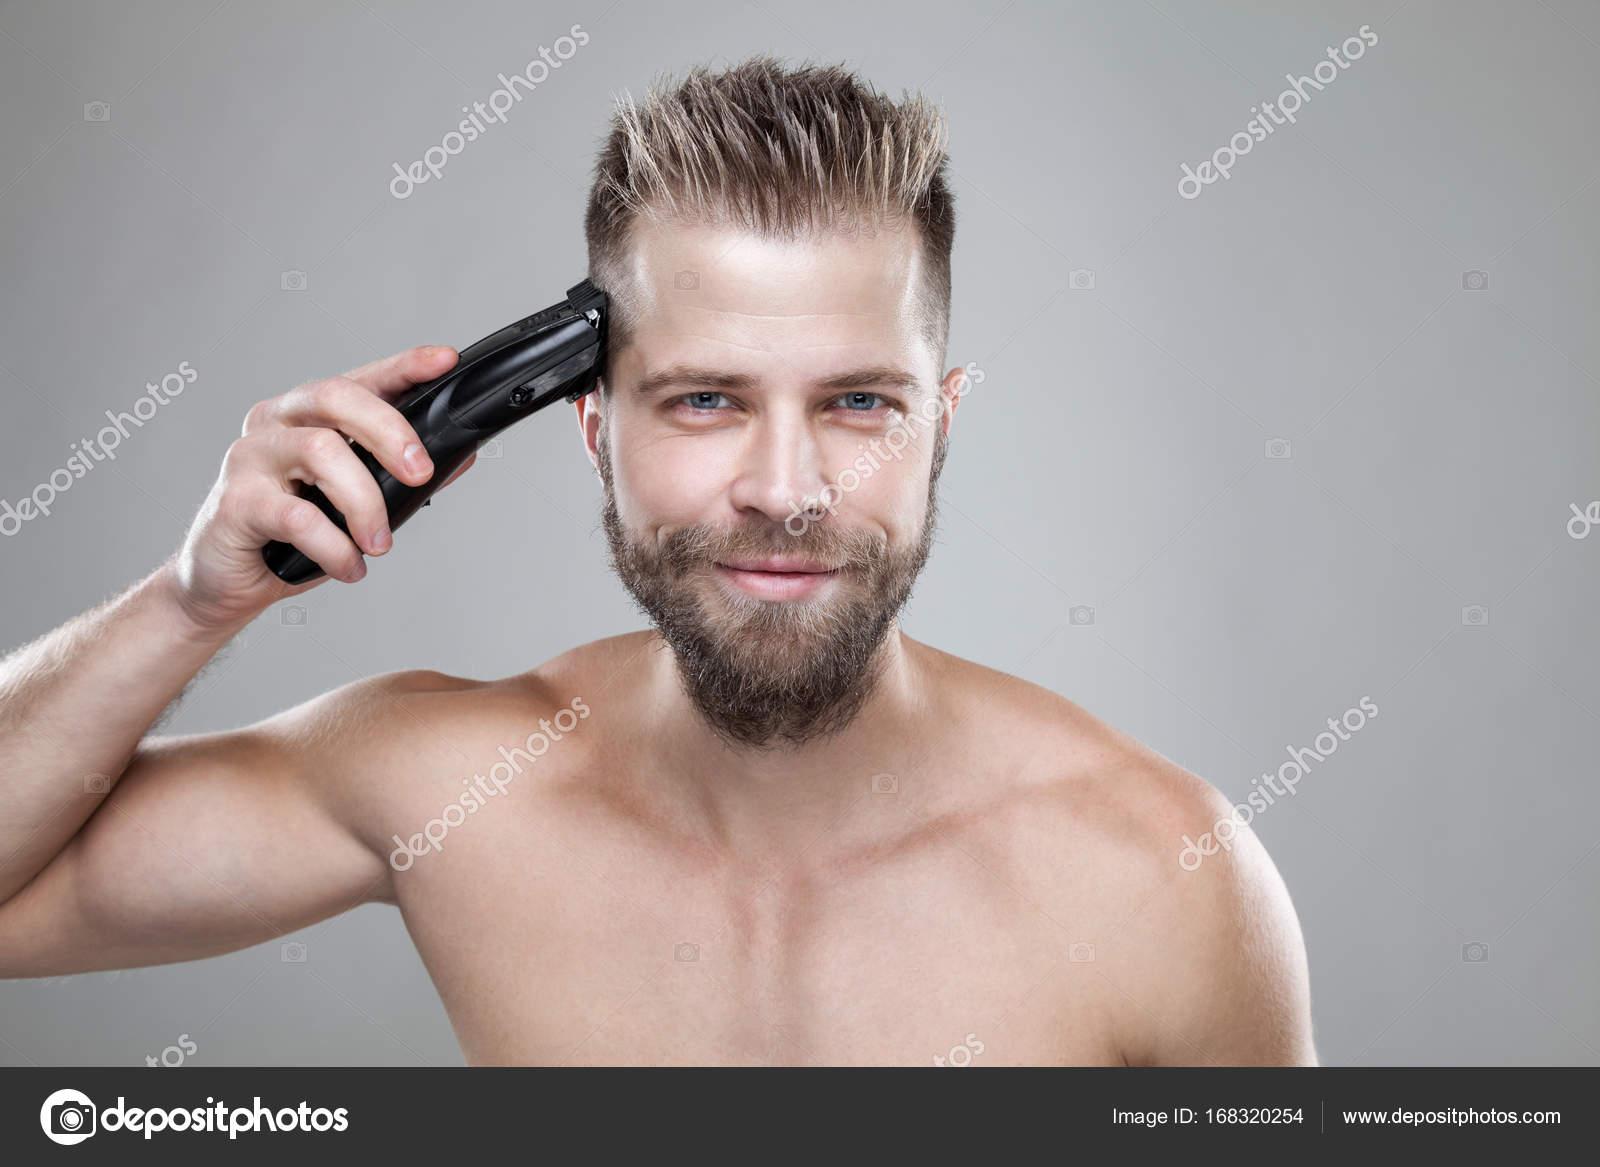 bel homme coupe ses propres cheveux avec une tondeuse photographie tommyandone 168320254. Black Bedroom Furniture Sets. Home Design Ideas